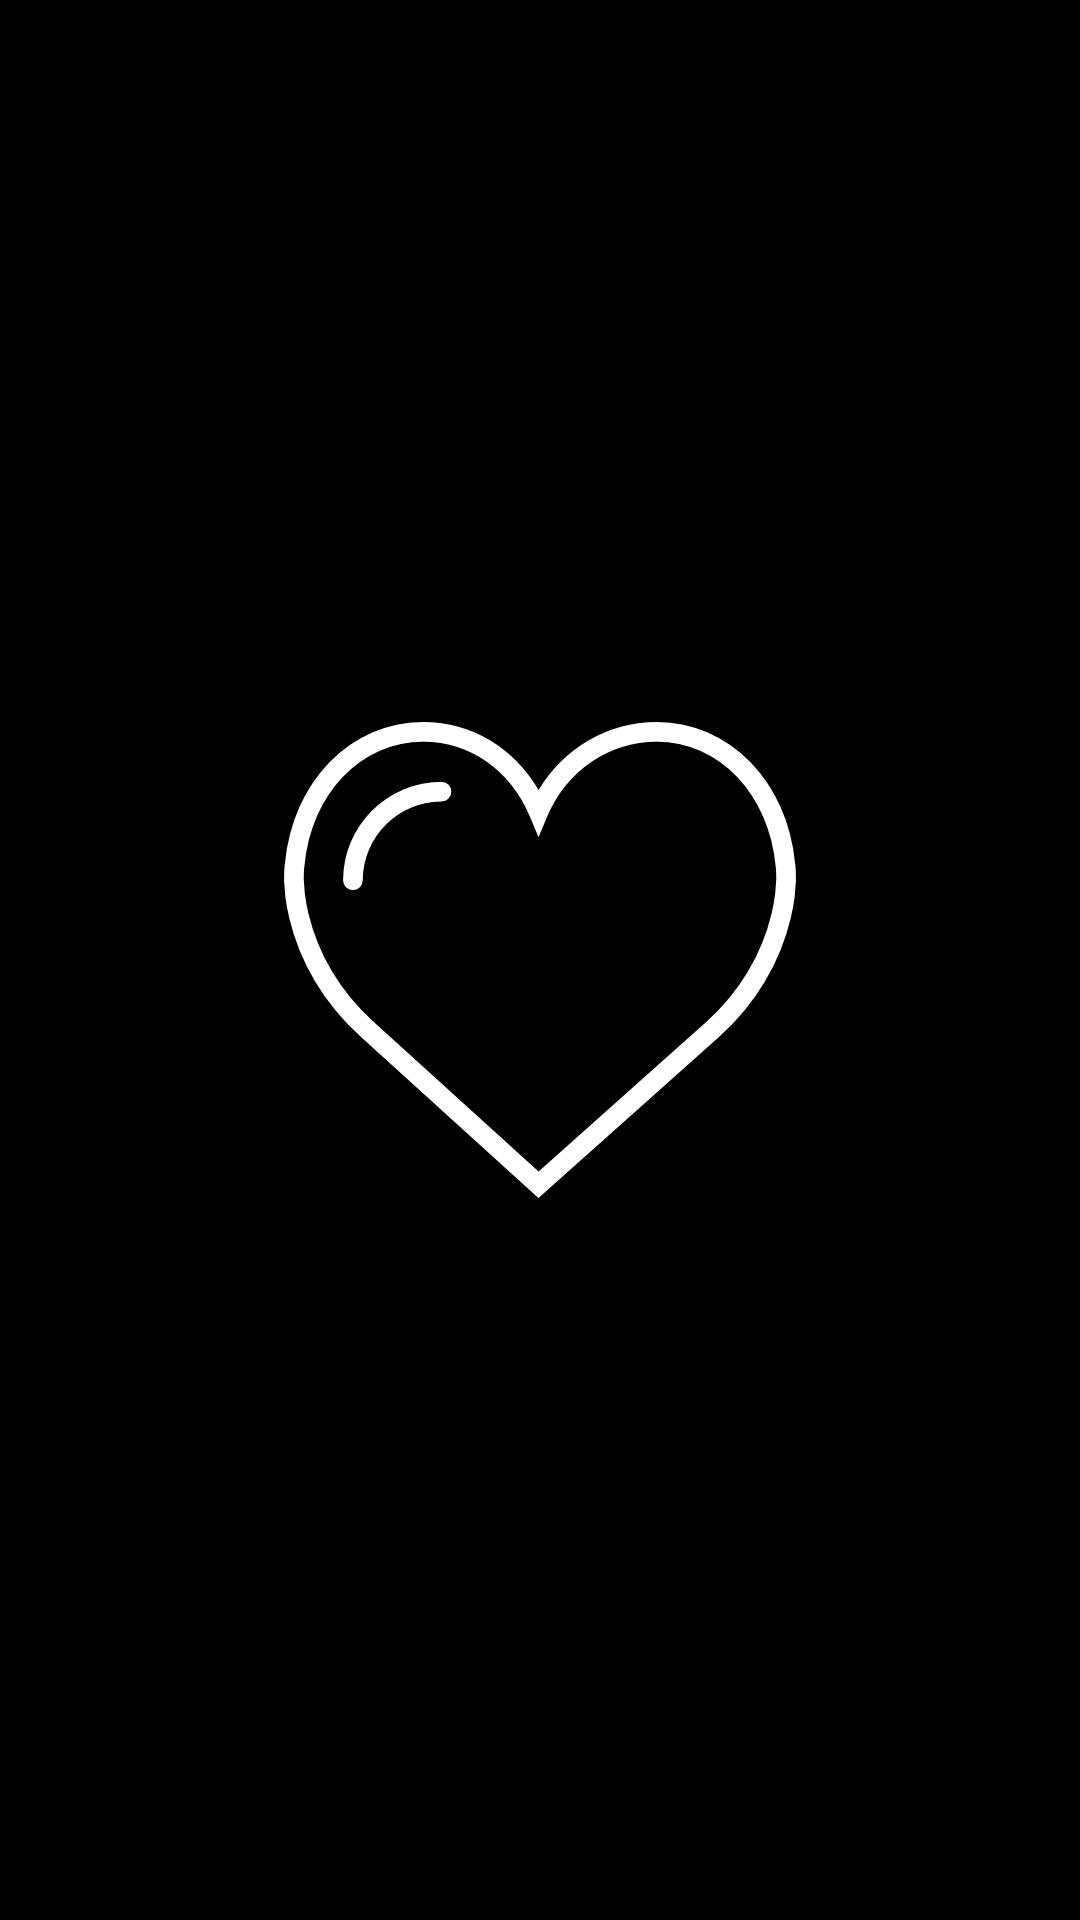 Black Instagram Highlight Icons Speakoftheangel Instagram Black Theme Instagram Symbols Black And White Instagram